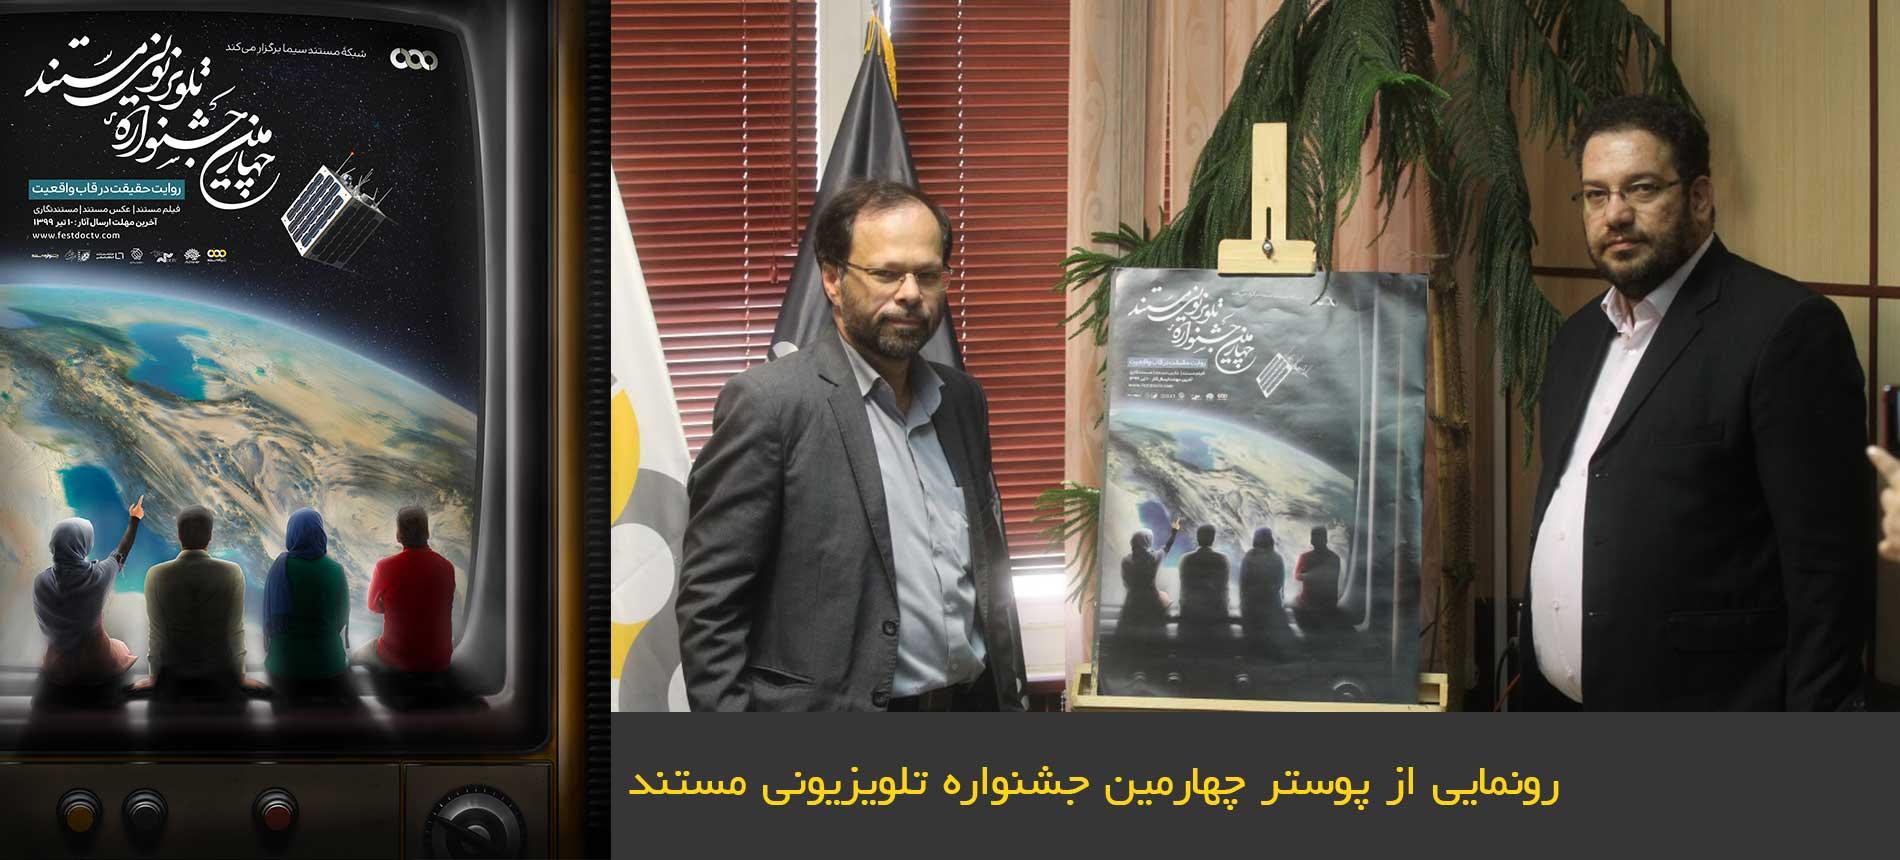 رونمایی از پوستر چهارمین جشنواره تلویزیونی مستند/ جایزه ویژه برای مستندهای کرونایی